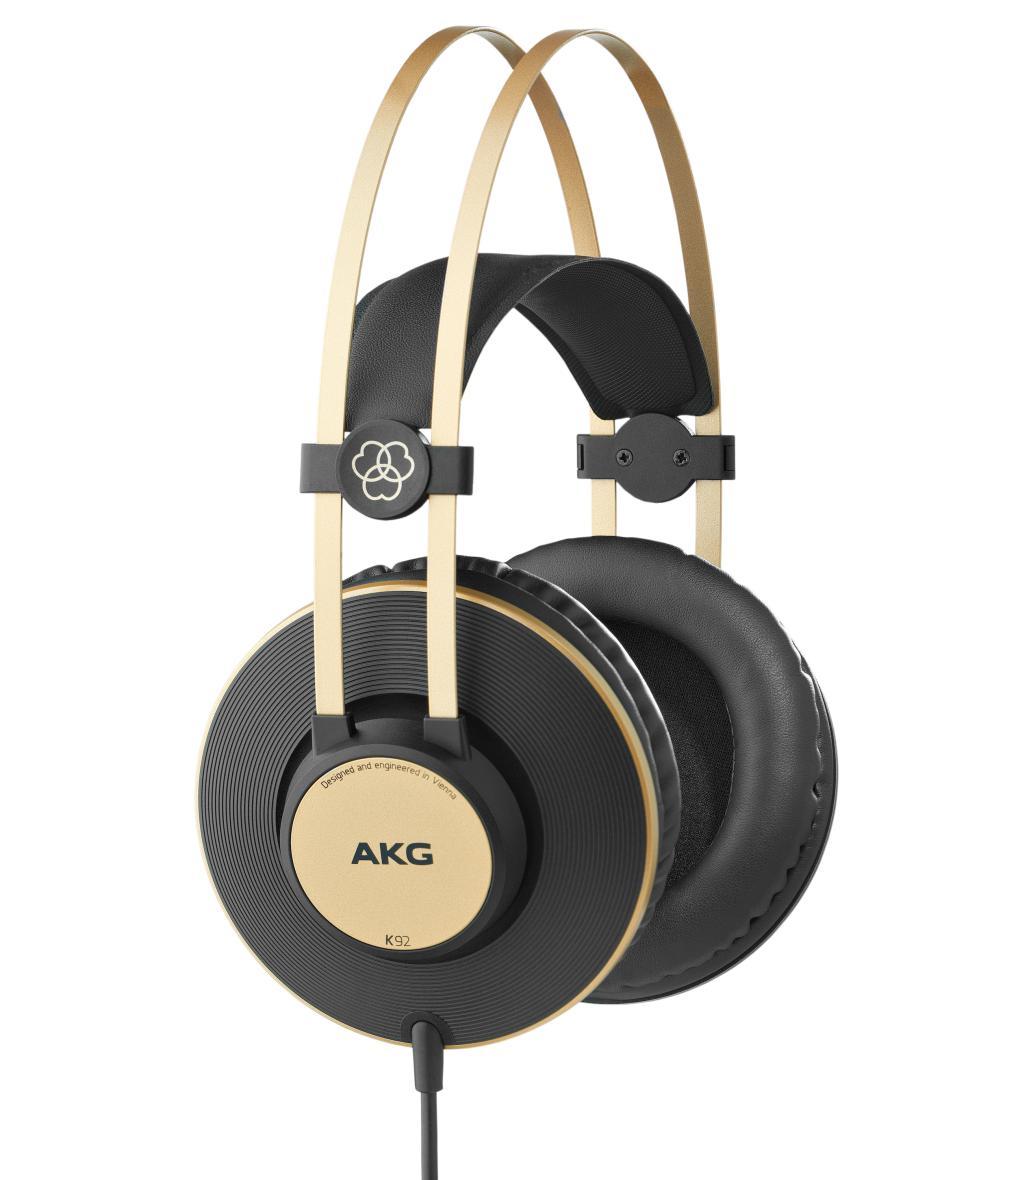 Powieksz do pelnego rozmiaru AKG K 92, AKG K92, AKG K-92, słuchawki profesjonalne, słuchawki studyjne, słuchawki realizatorskie, słuchawki uniwersalne, słuchawki z pałąkiem, słuchawki nagłowne, słuchawki wokółuszne, słuchawki zamknięte, słuchawki z kablem jednostronnym